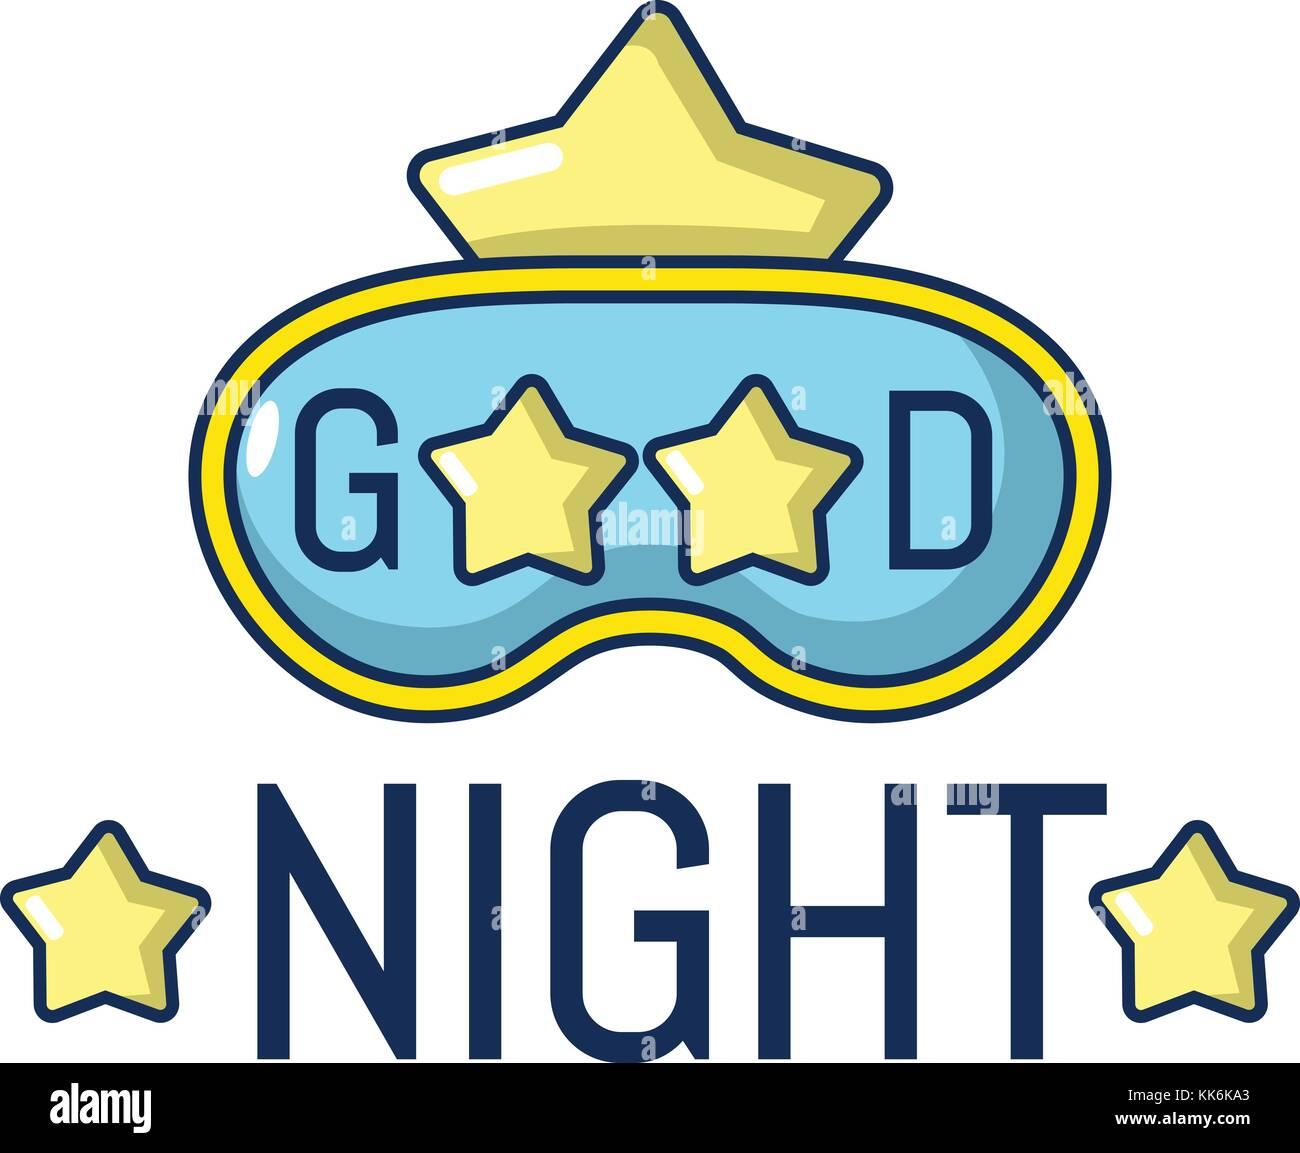 Good Night Icon Cartoon Style Stock Vector Art Illustration